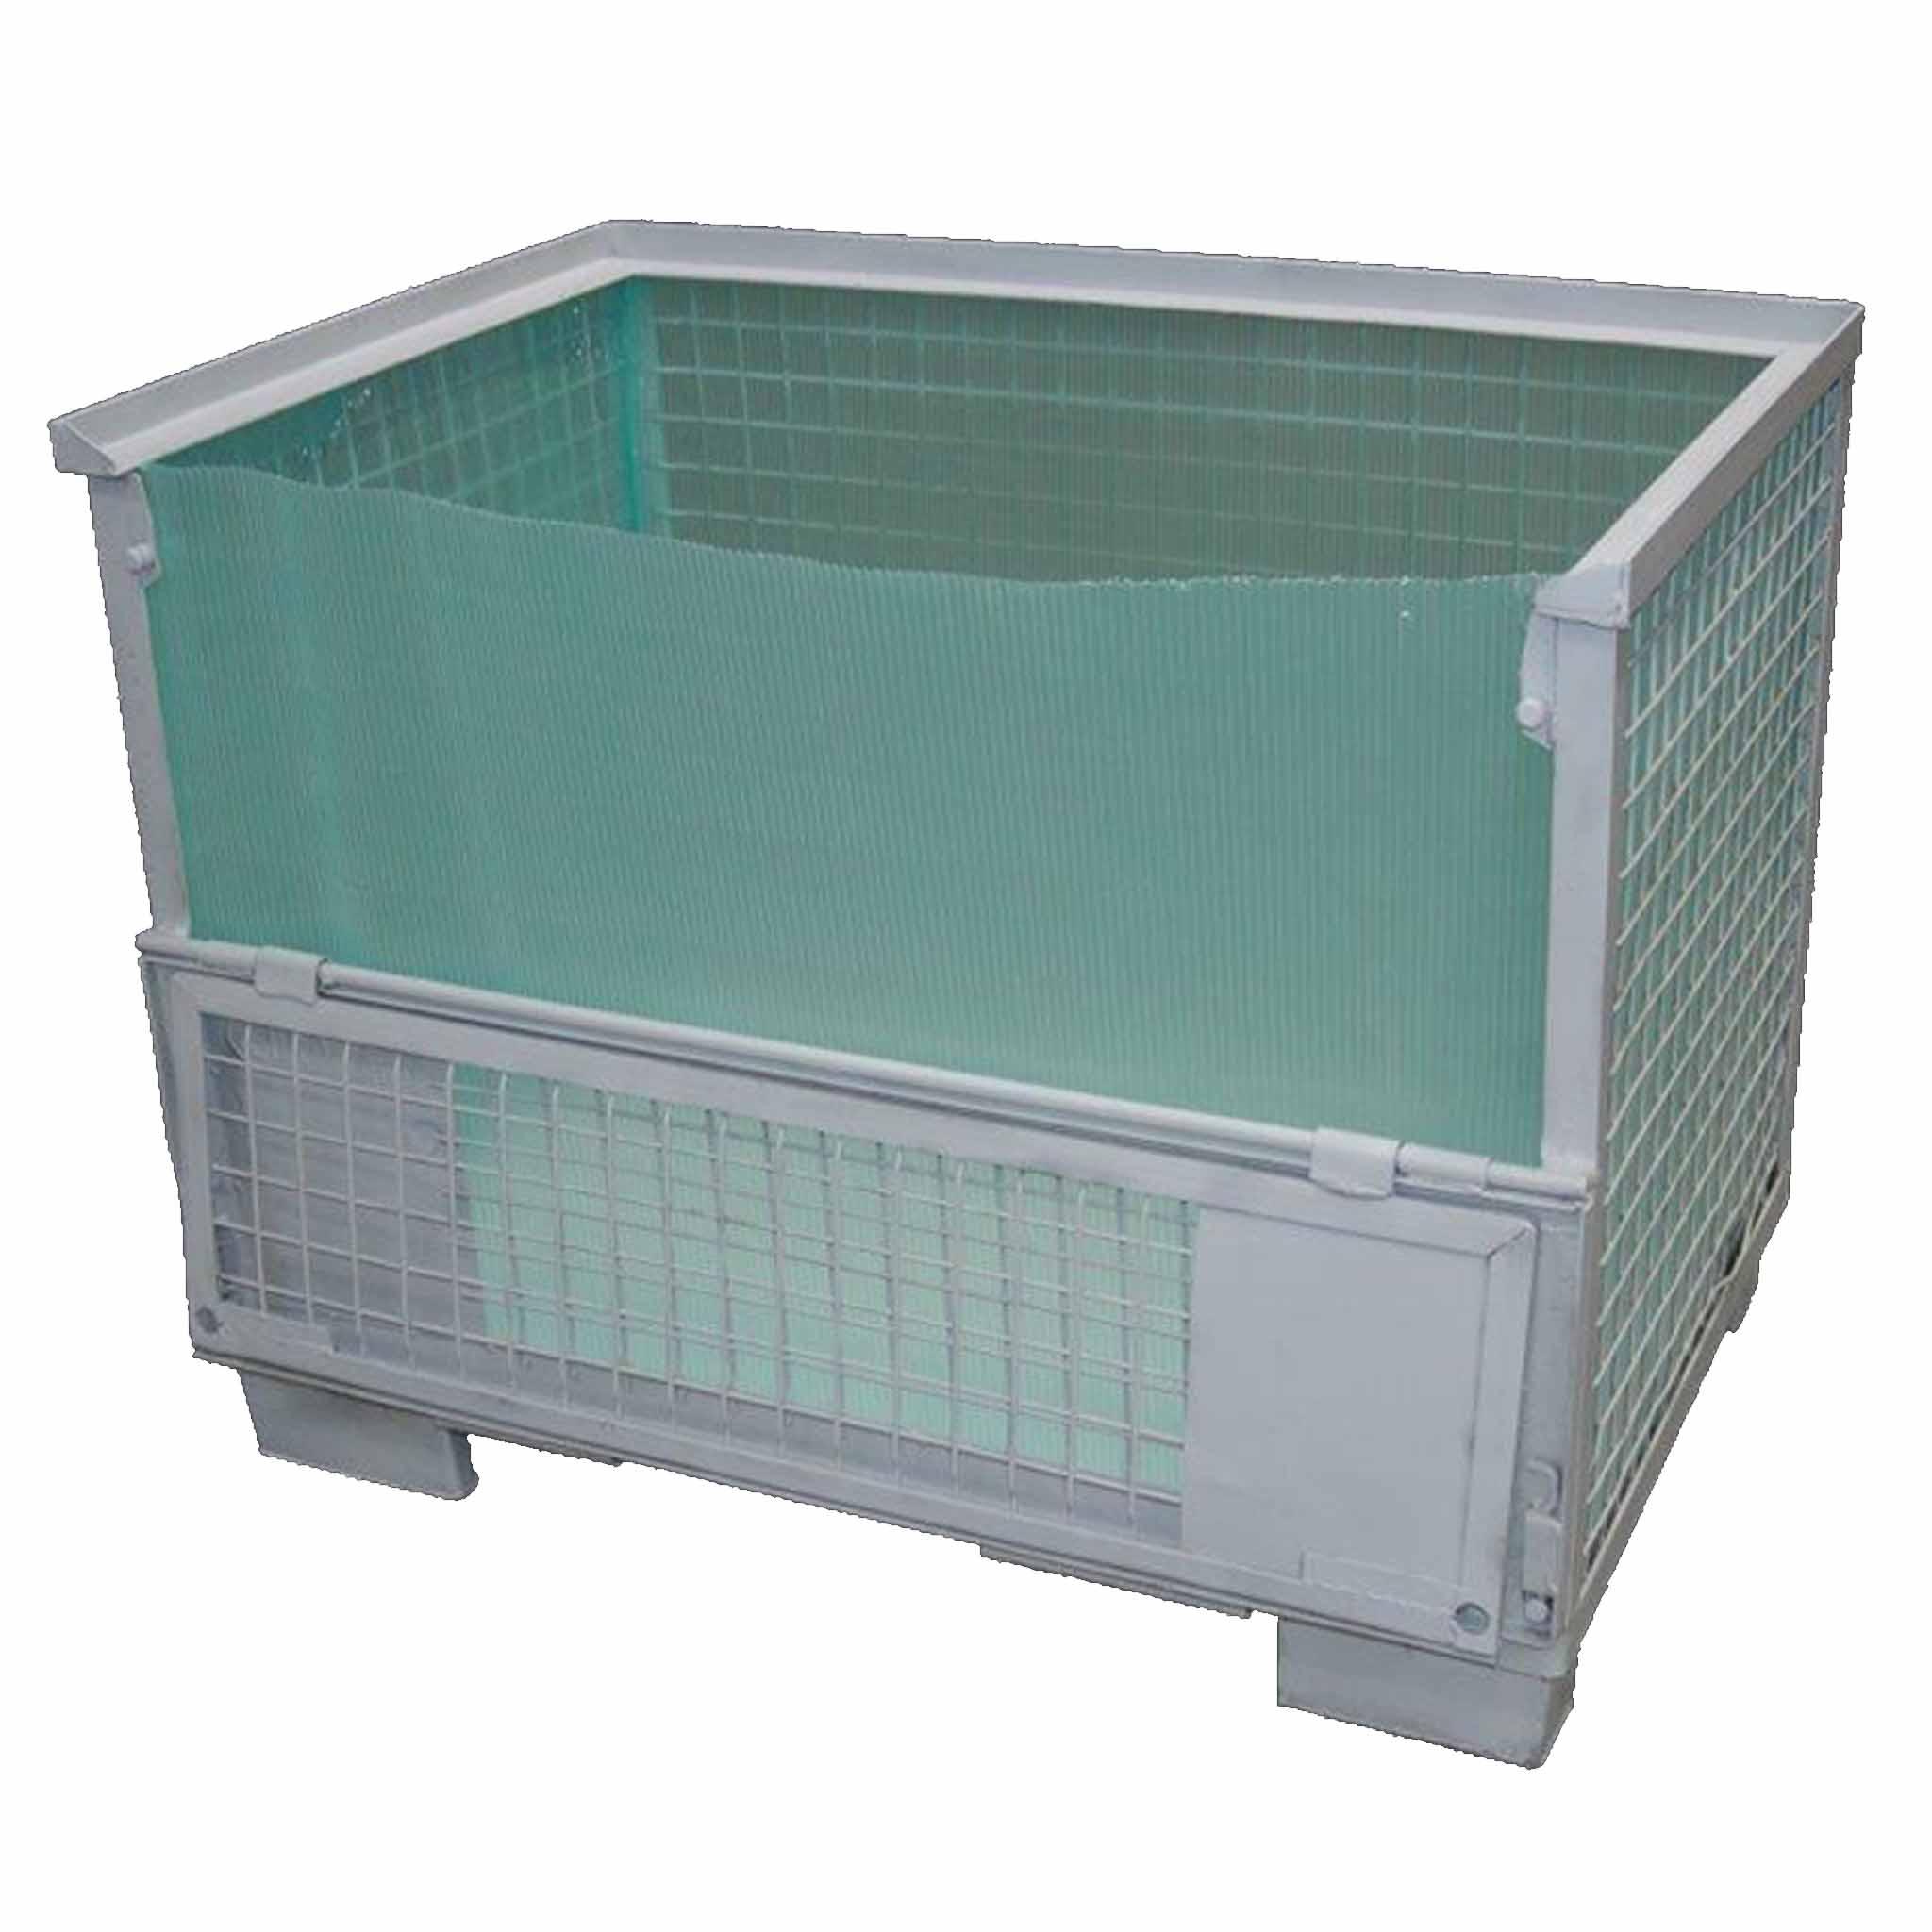 Auskleidung für EPAL-Gitterbox